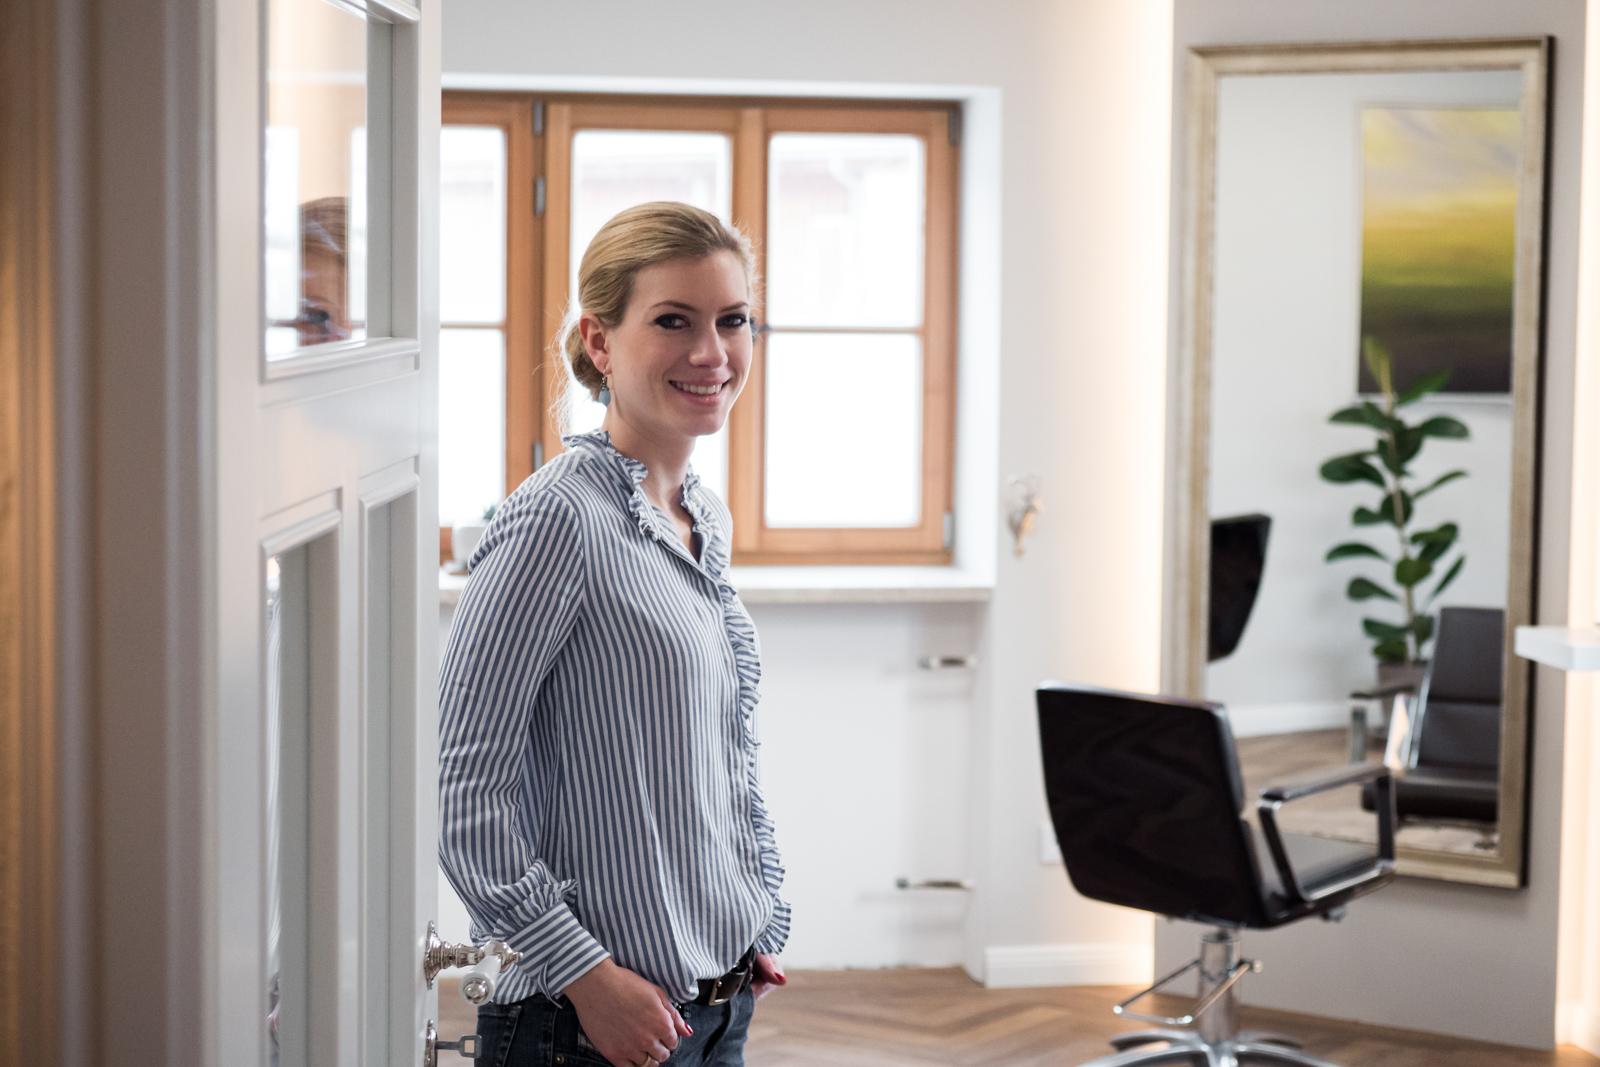 Barbara Kugler empfängt Sie sehr herzlich in ihrem neuen Friseursalon bei der Kugleralm in Ebersberg